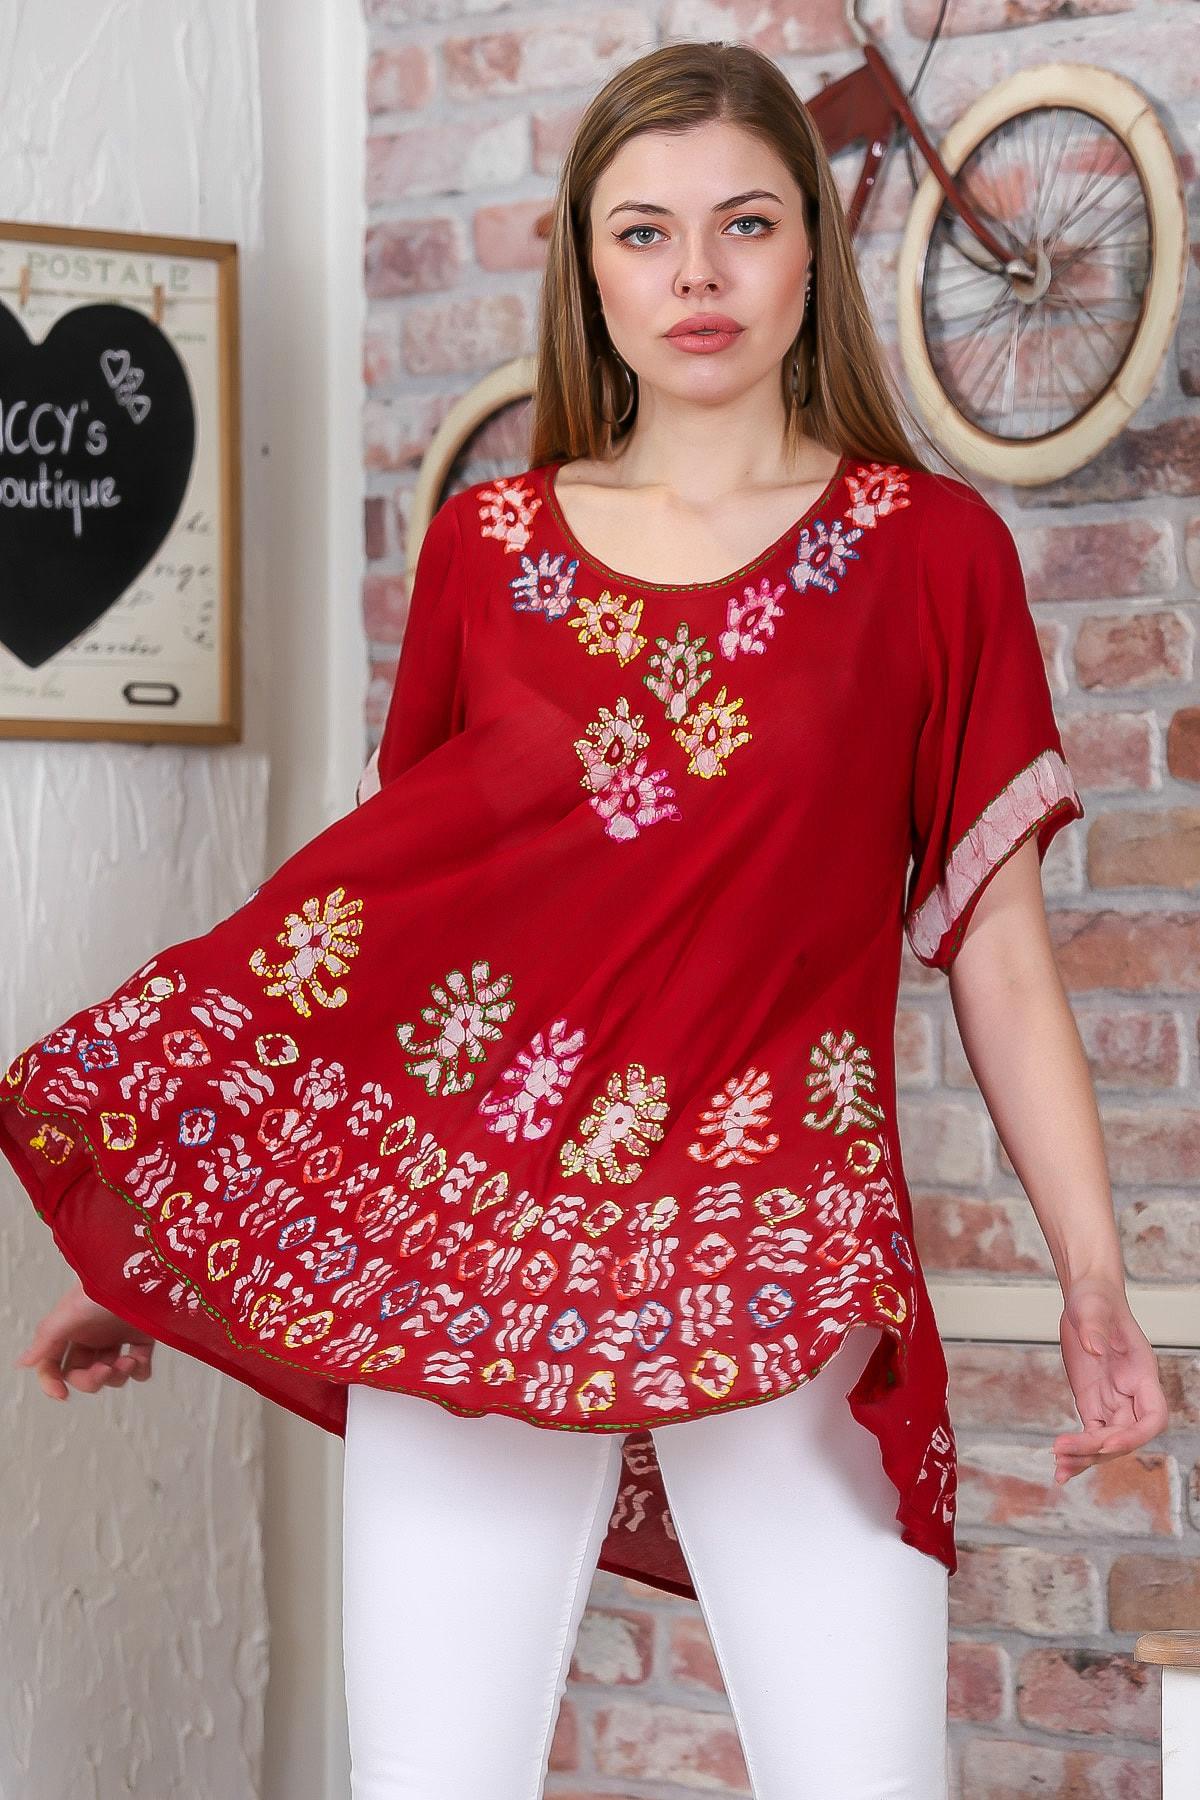 Chiccy Kadın Kırmızı Çiçek Baskılı Nakış Dikişli Kısa Kol Batik Salaş Dokuma Bluz M10010200BL95495 3